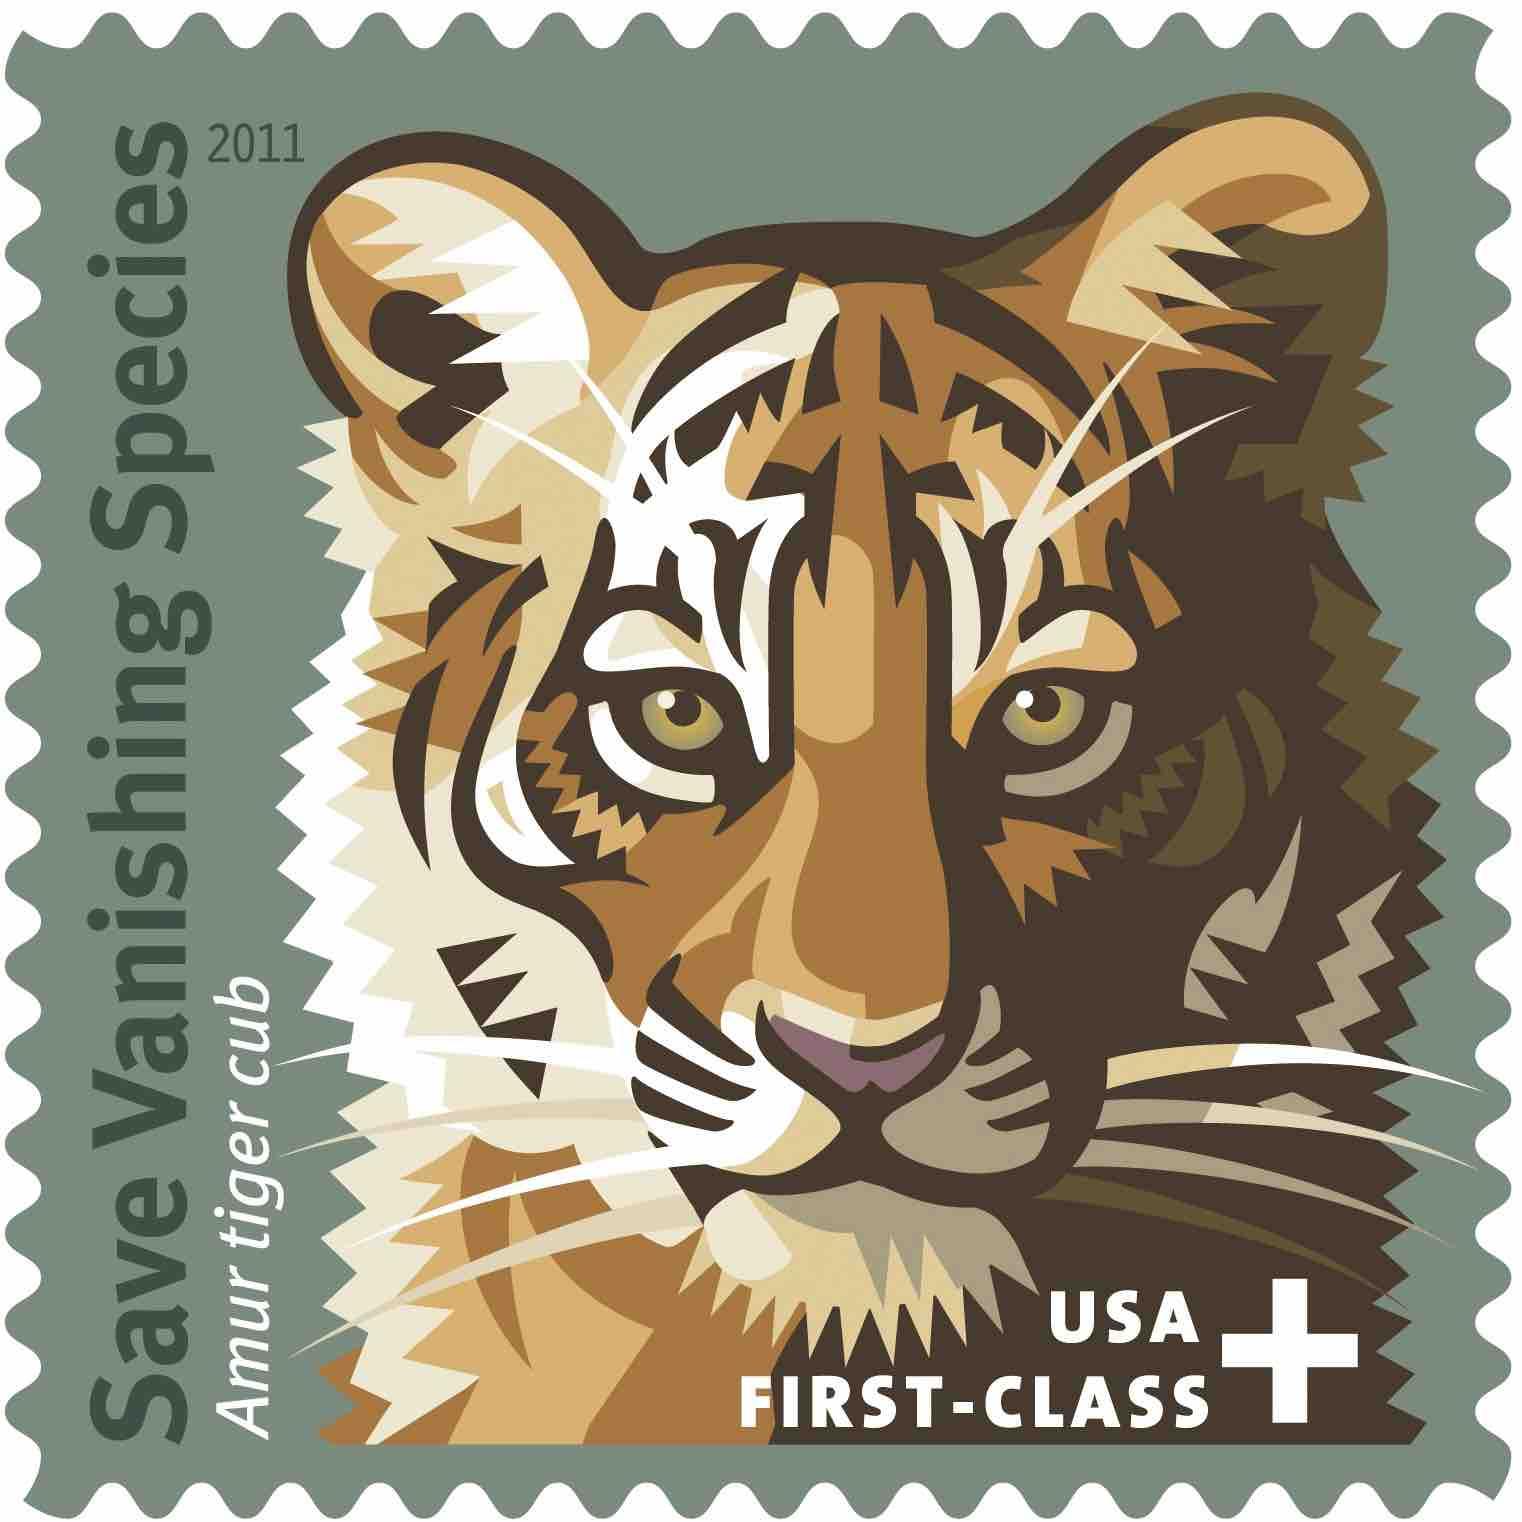 Save-Vanishing-Species-stamp-image_CMYK copy.jpg